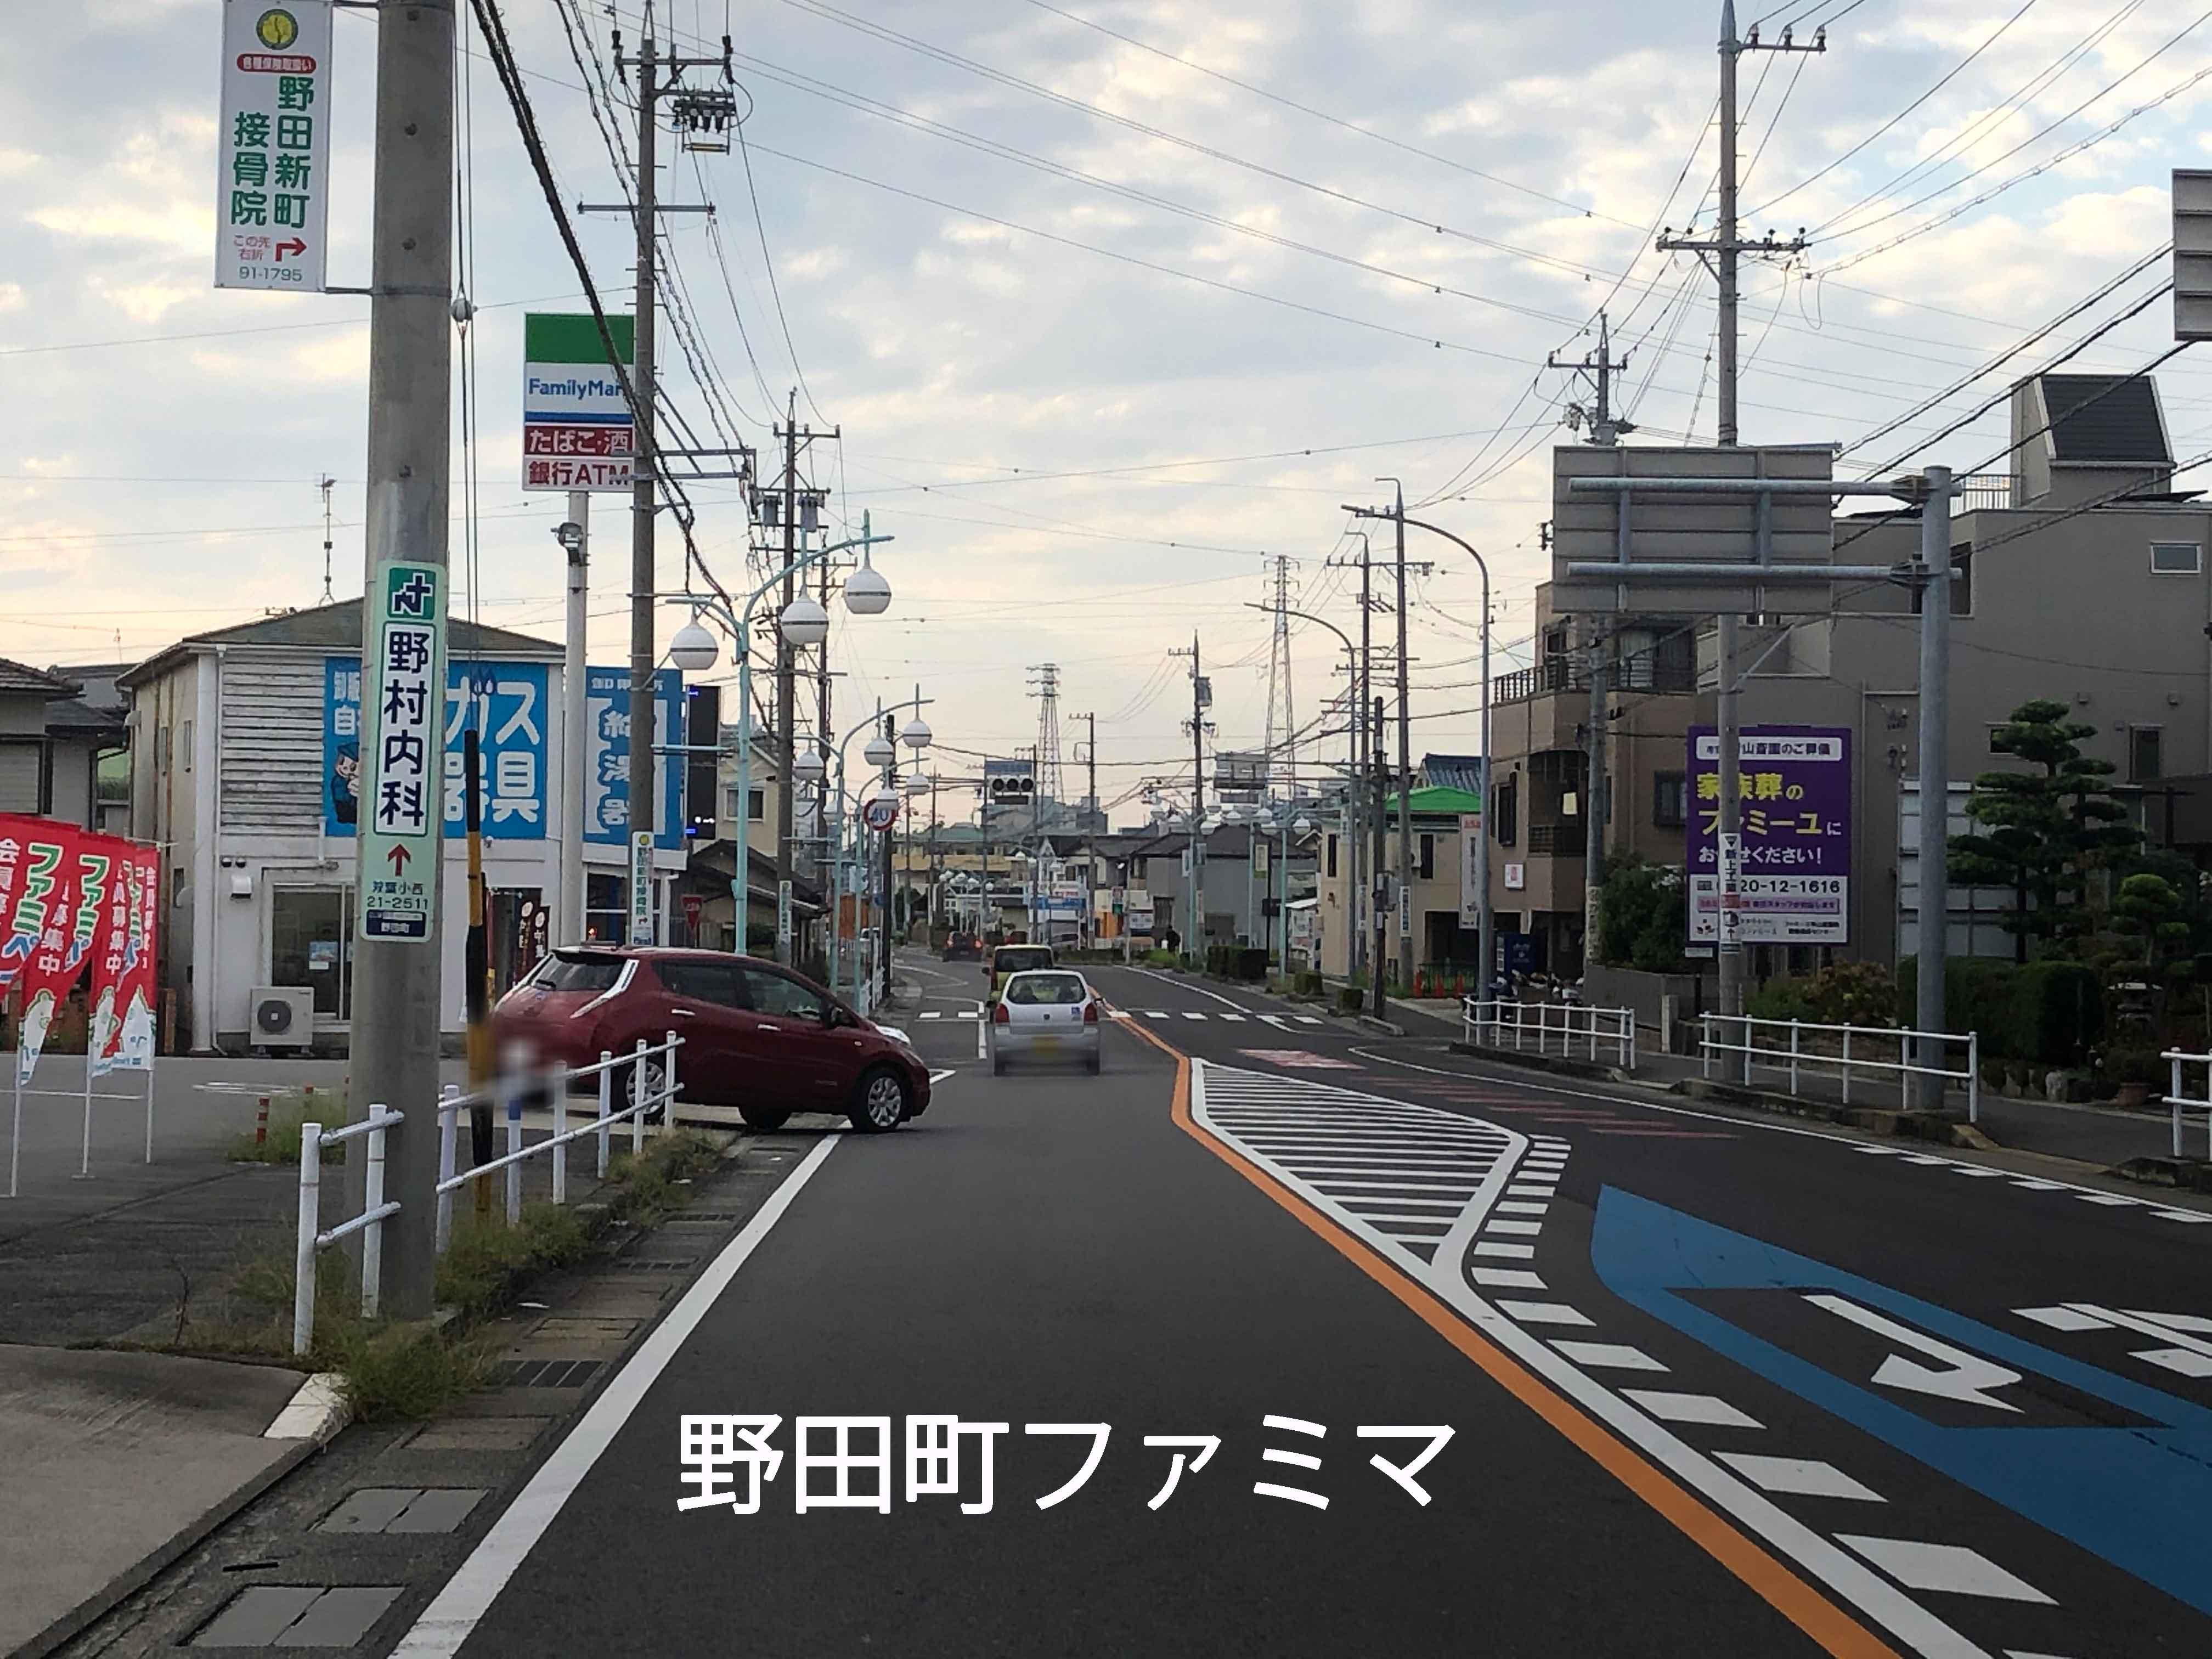 刈谷 自動車 学校 愛知県の自動車教習所一覧 - NAVITIME